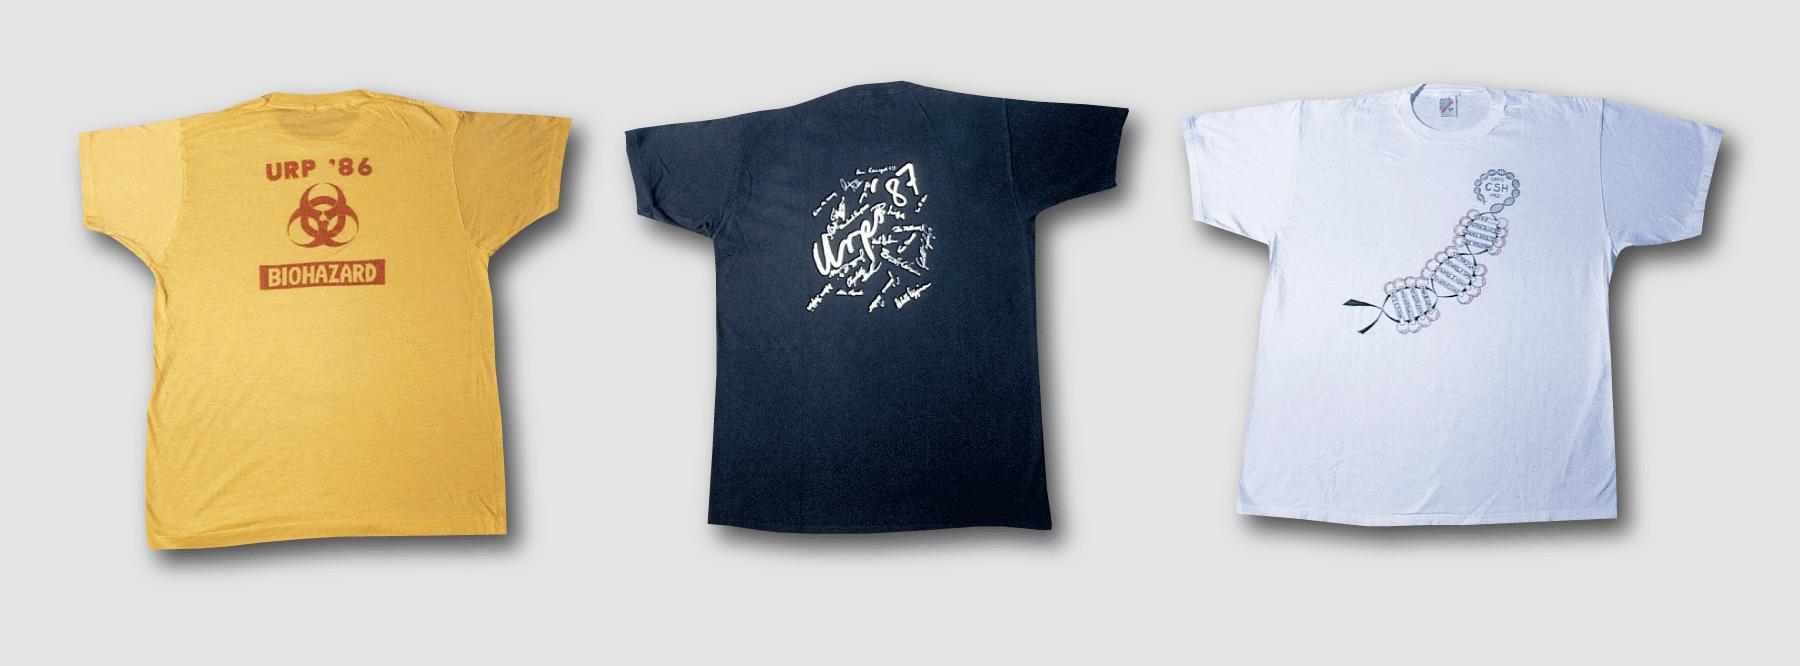 image of 3 URP t-shirts